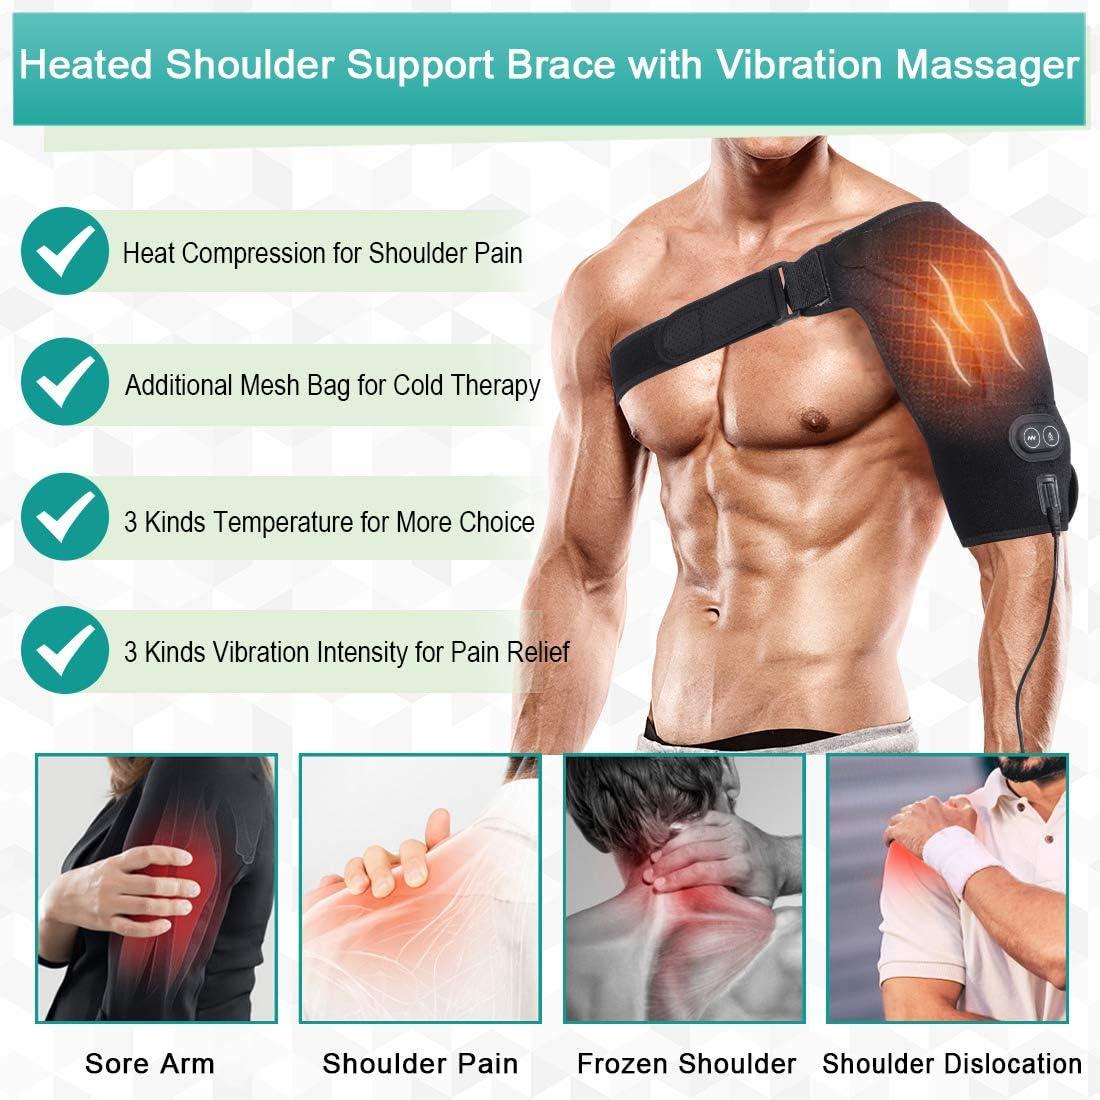 Dislocazione delle Spalle L Unisex Tutore Spalla per Massaggio Riscaldante Aiuta Stabilit/à con 3 Impostazioni di Vibrazione e Temperatura per le Lesioni della Cuffia dei Rotatori Tendinite